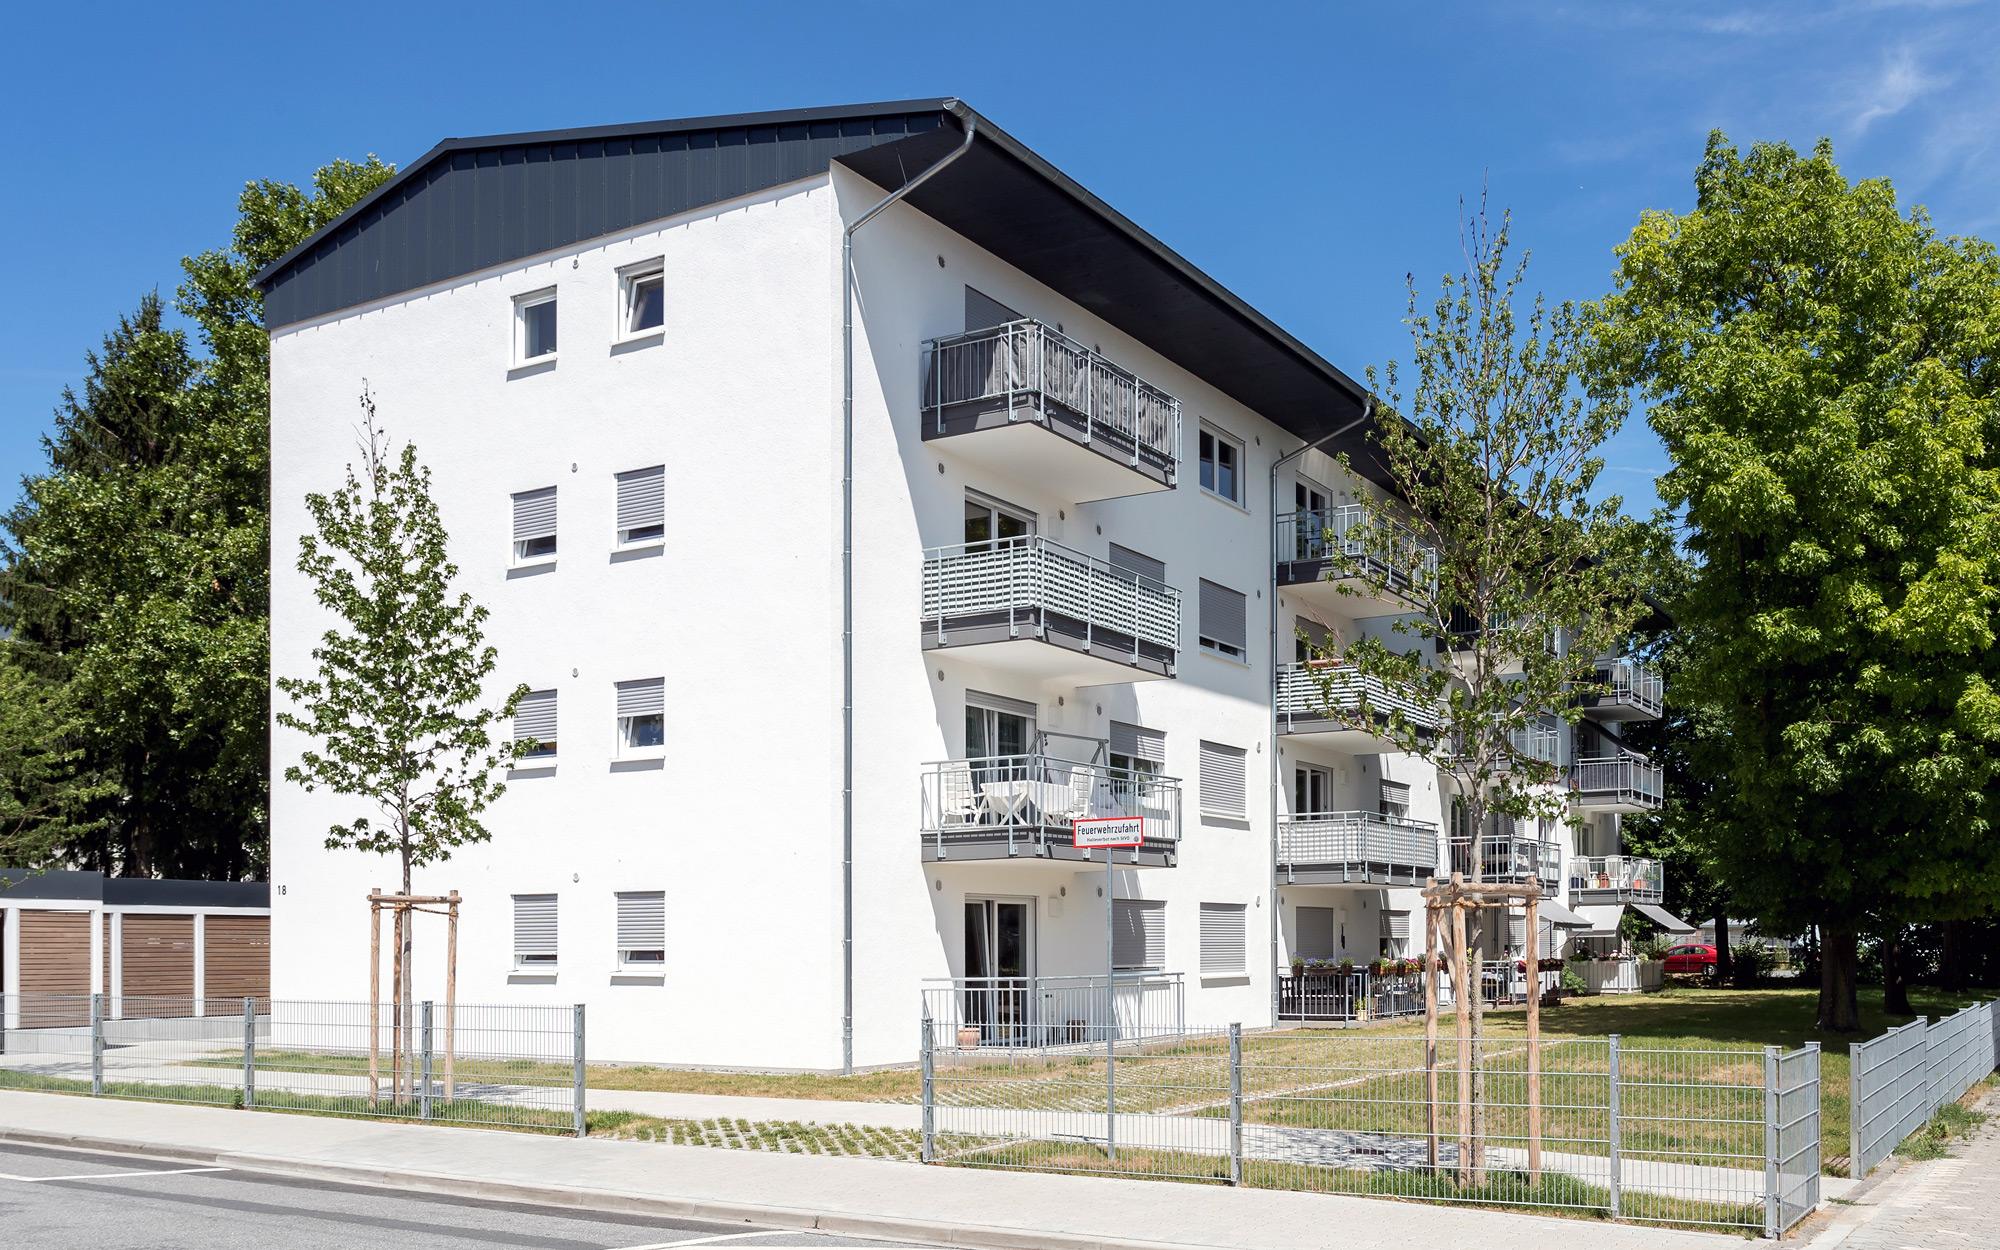 Neubau eines 16 Familienwohnhauses im sozialen Wohnungsbau / Bauzeit April 2015 bis Juni 2016